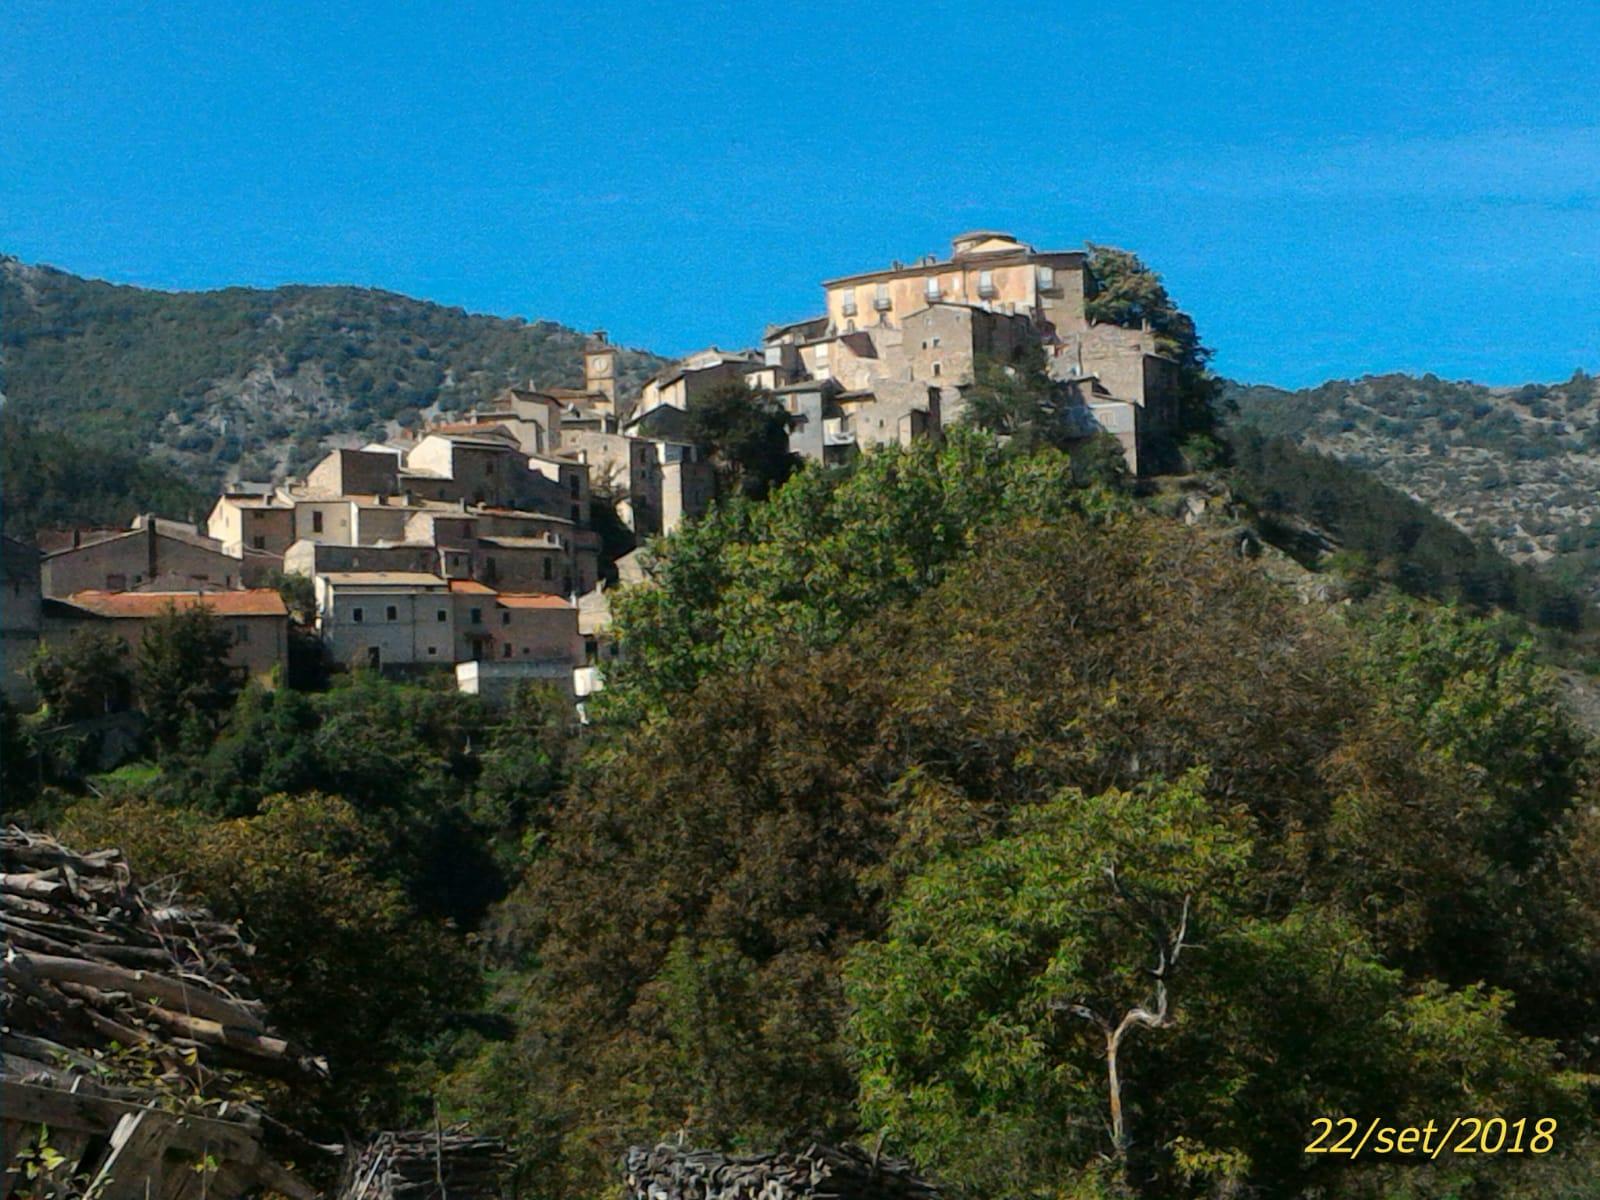 Un sabato in Abruzzo - Villalago weekend abruzzo